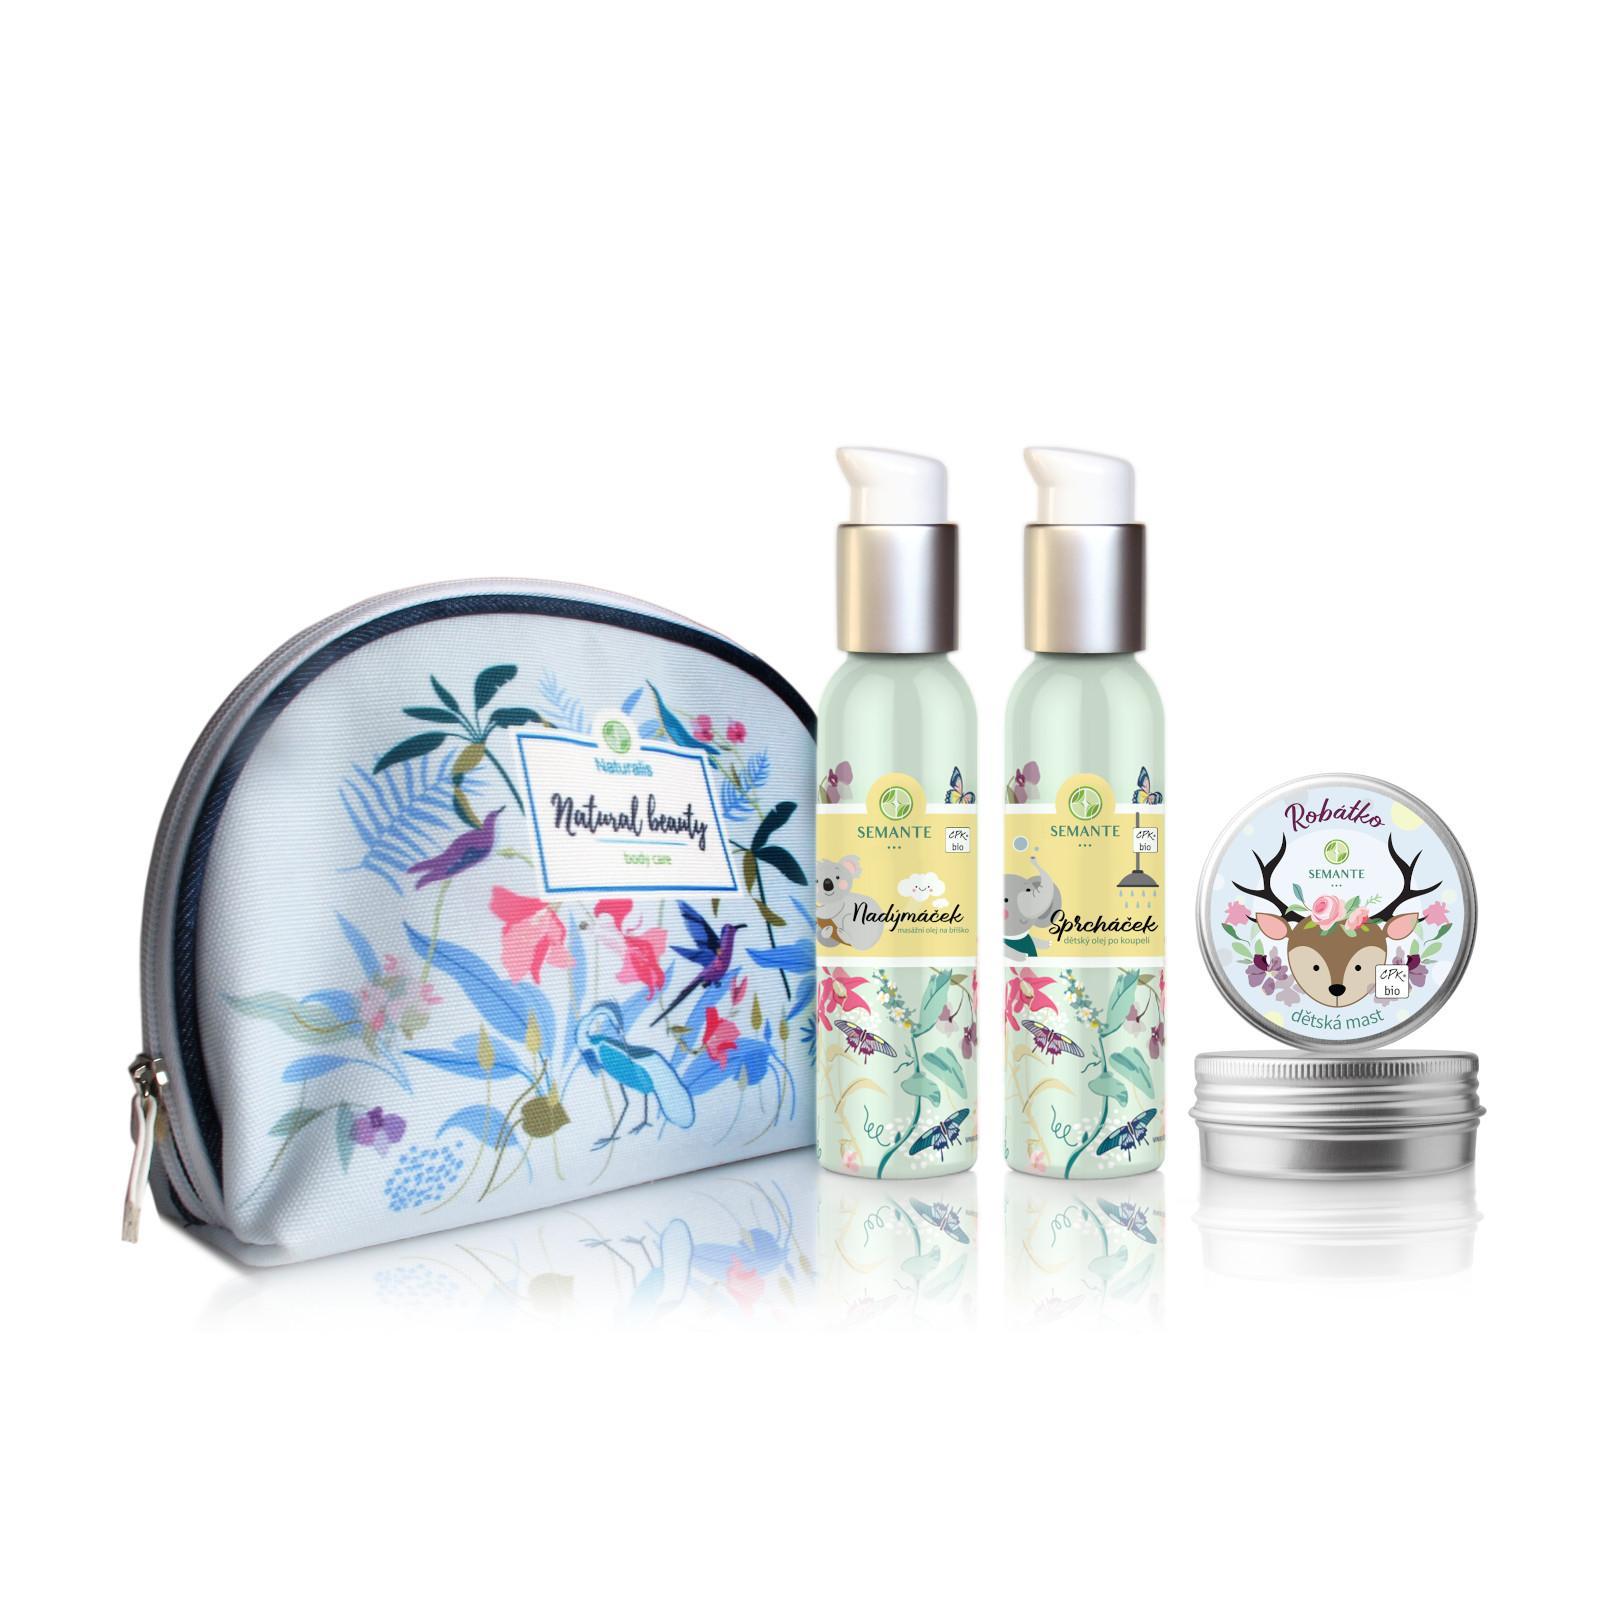 Semante by Naturalis Vítej mezi námi, sada přírodní kosmetiky pro děti i maminky 1 ks